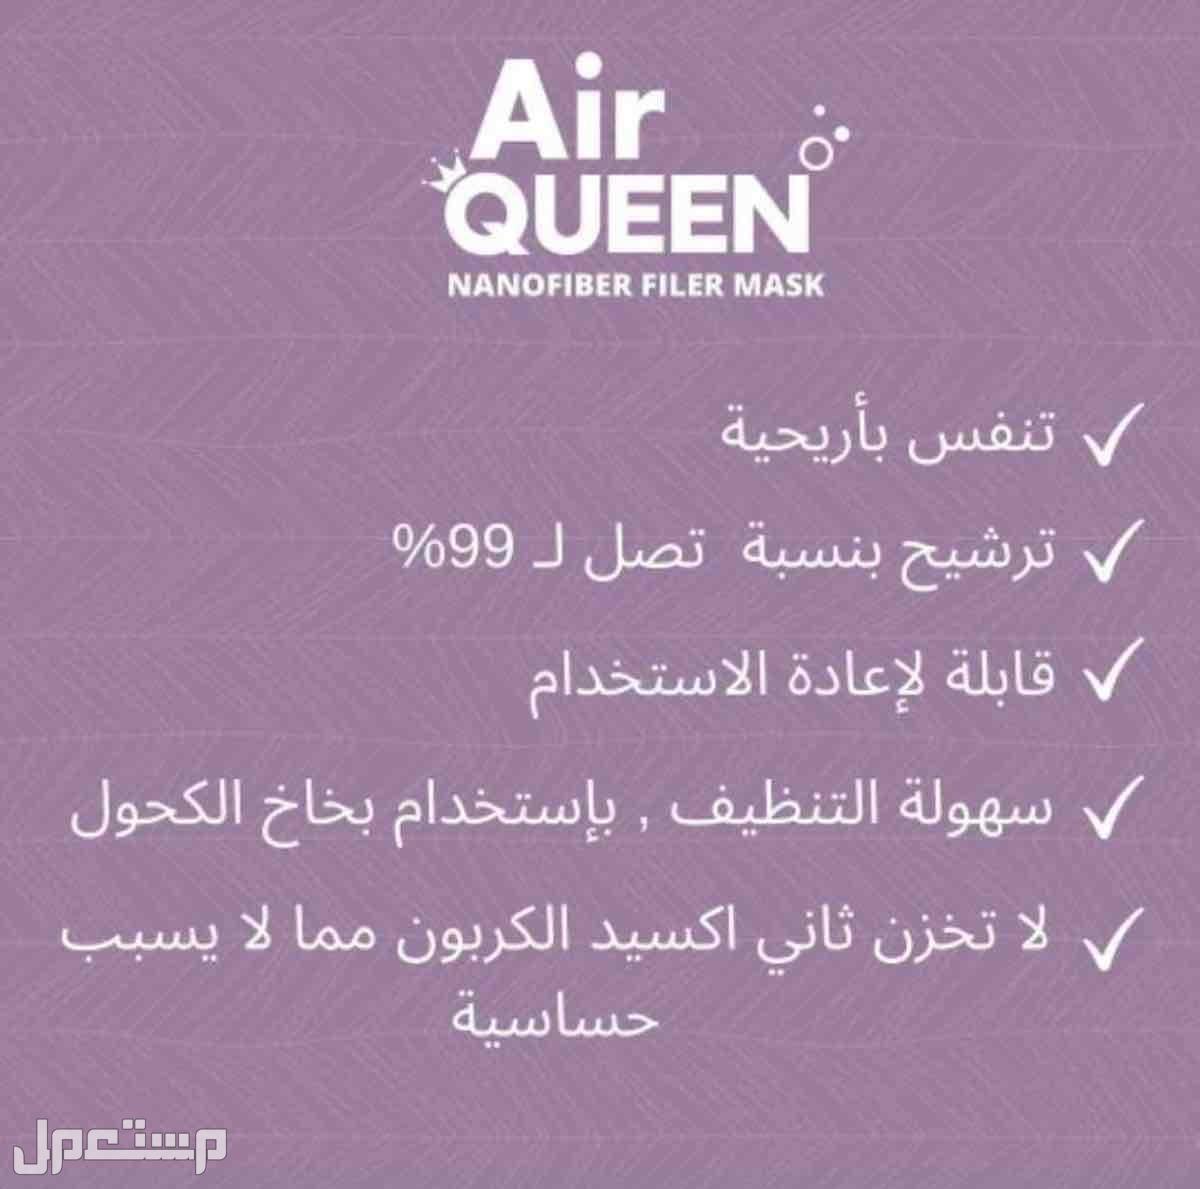 كمامة اير كوين الكوريه الاصلية (Air Queen)